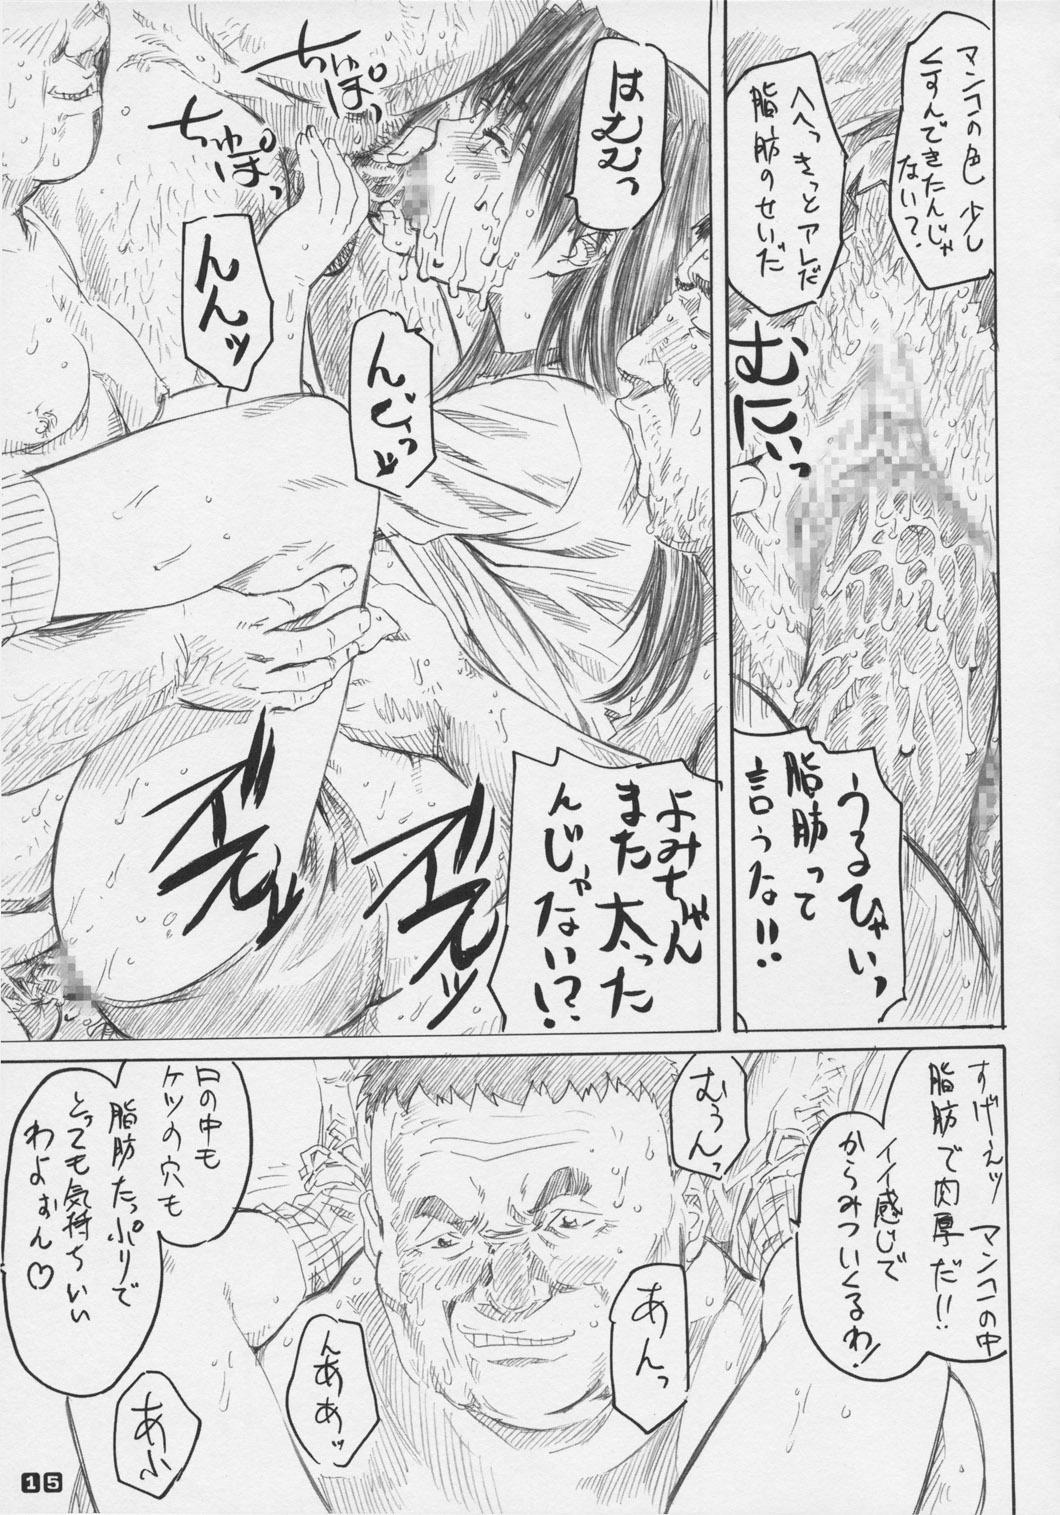 (C64) [MARUTA-DOJO (MARUTA)] Koyomi no Ren-nyu Tappuri Syu-Kuri-mu (Azumanga-Daioh) 14